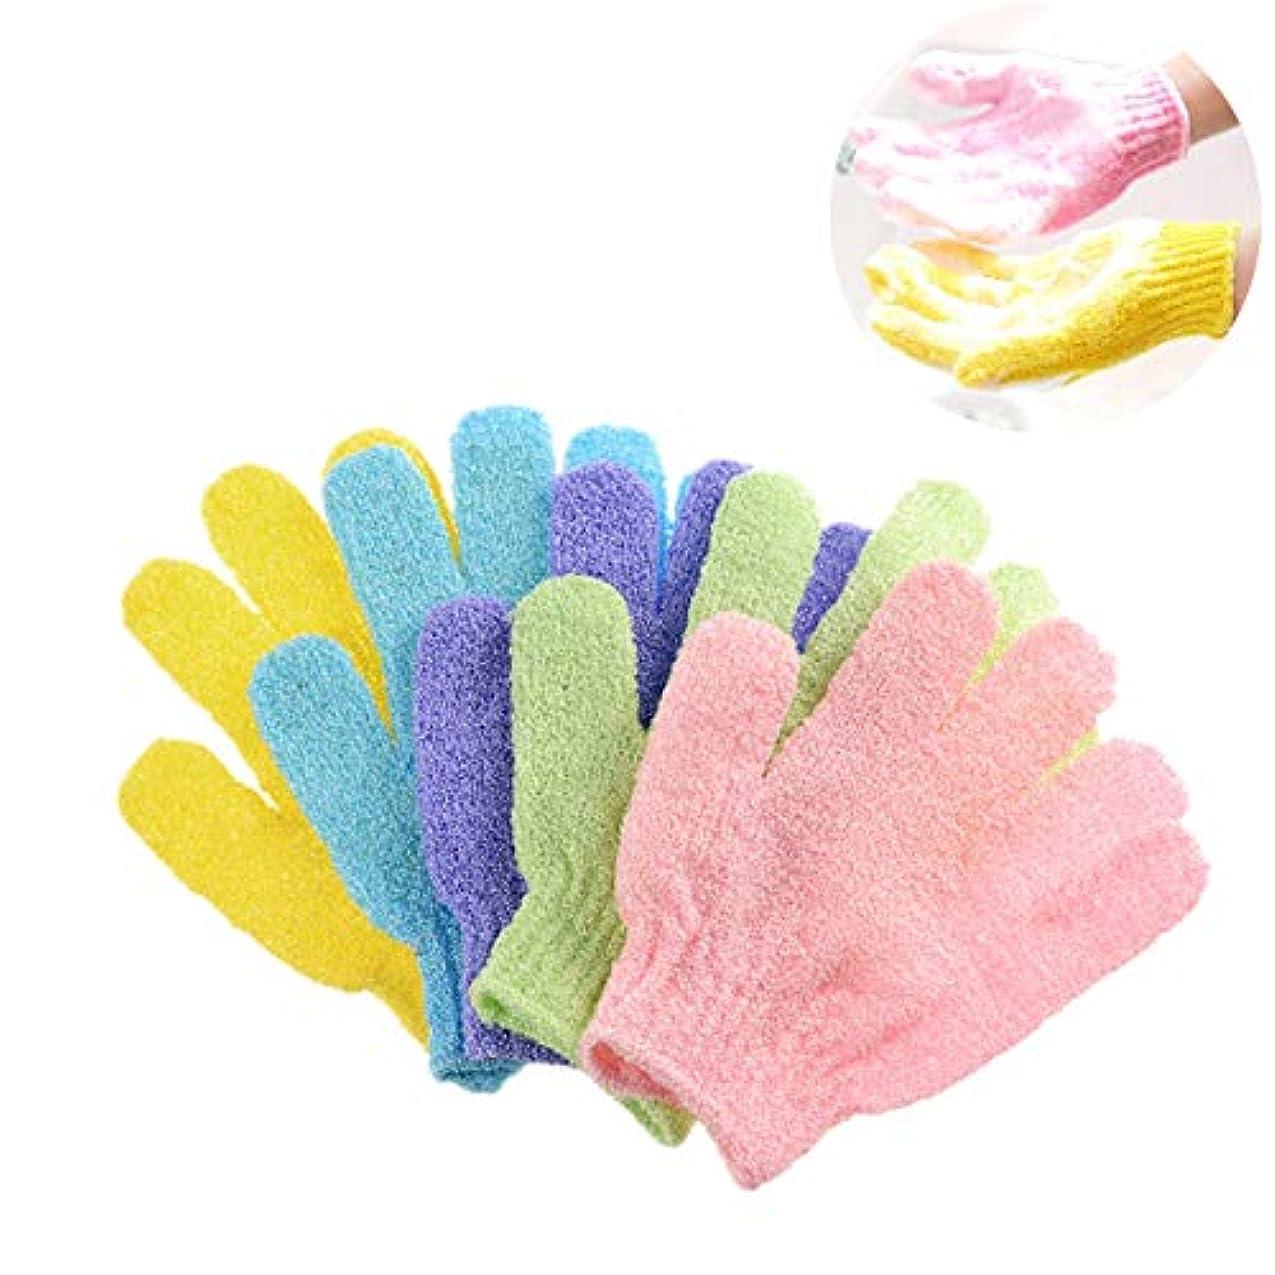 名誉あるデマンド抵抗力があるKingsie 浴用手袋 10枚セット(5ペア) ボディウォッシュ手袋 お風呂手袋 角質除去 角質取り 泡立ち 垢すり グローブ